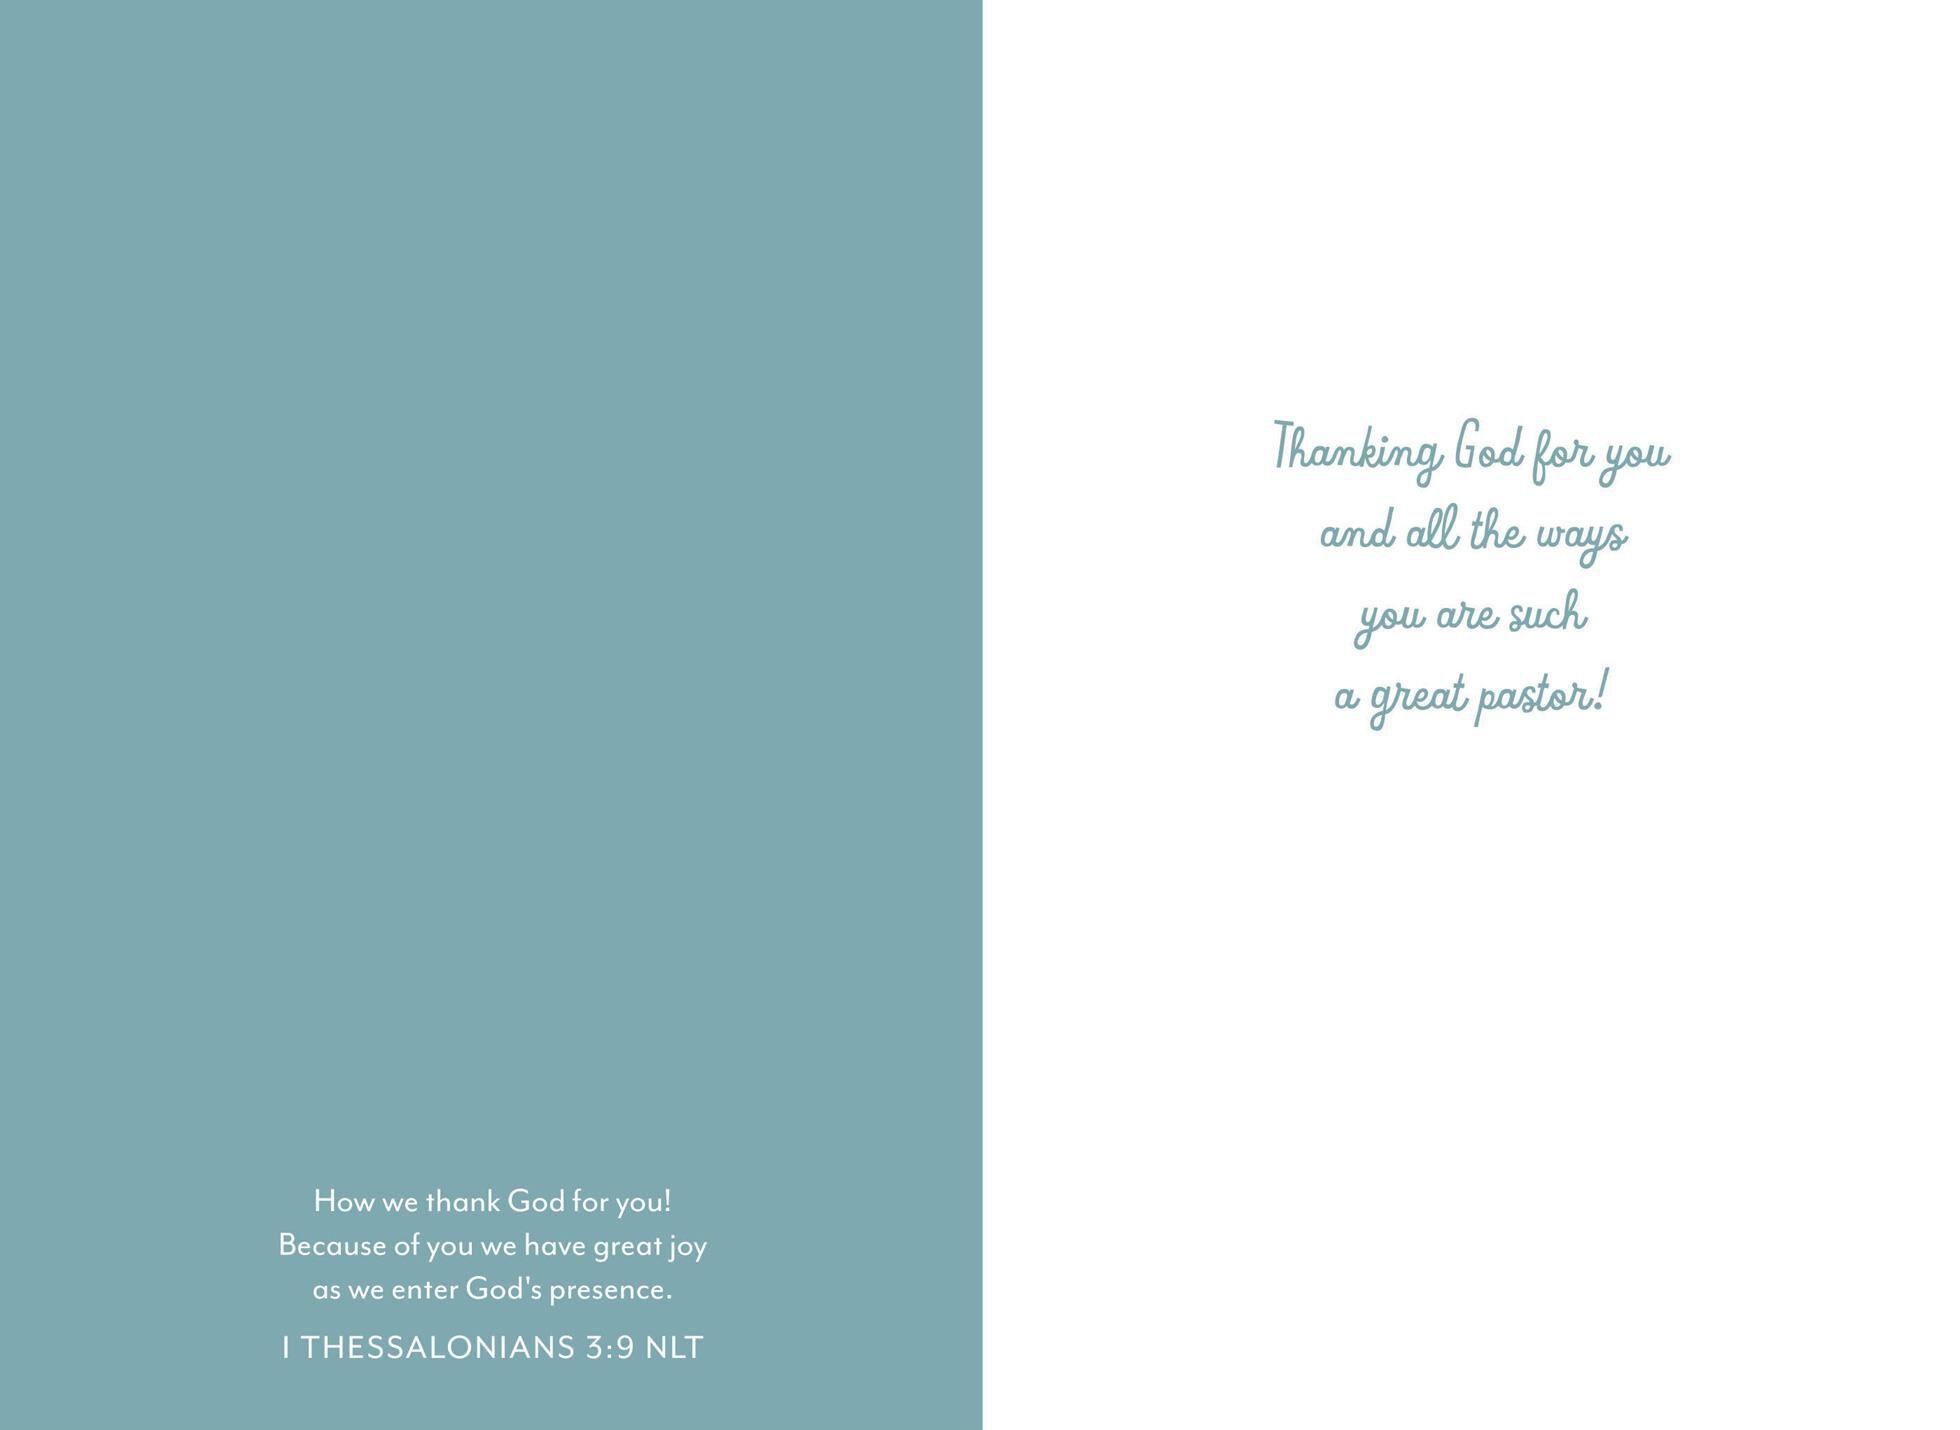 image regarding Pastor Appreciation Cards Free Printable known as Clergy Pastor Appreciation Hallmark